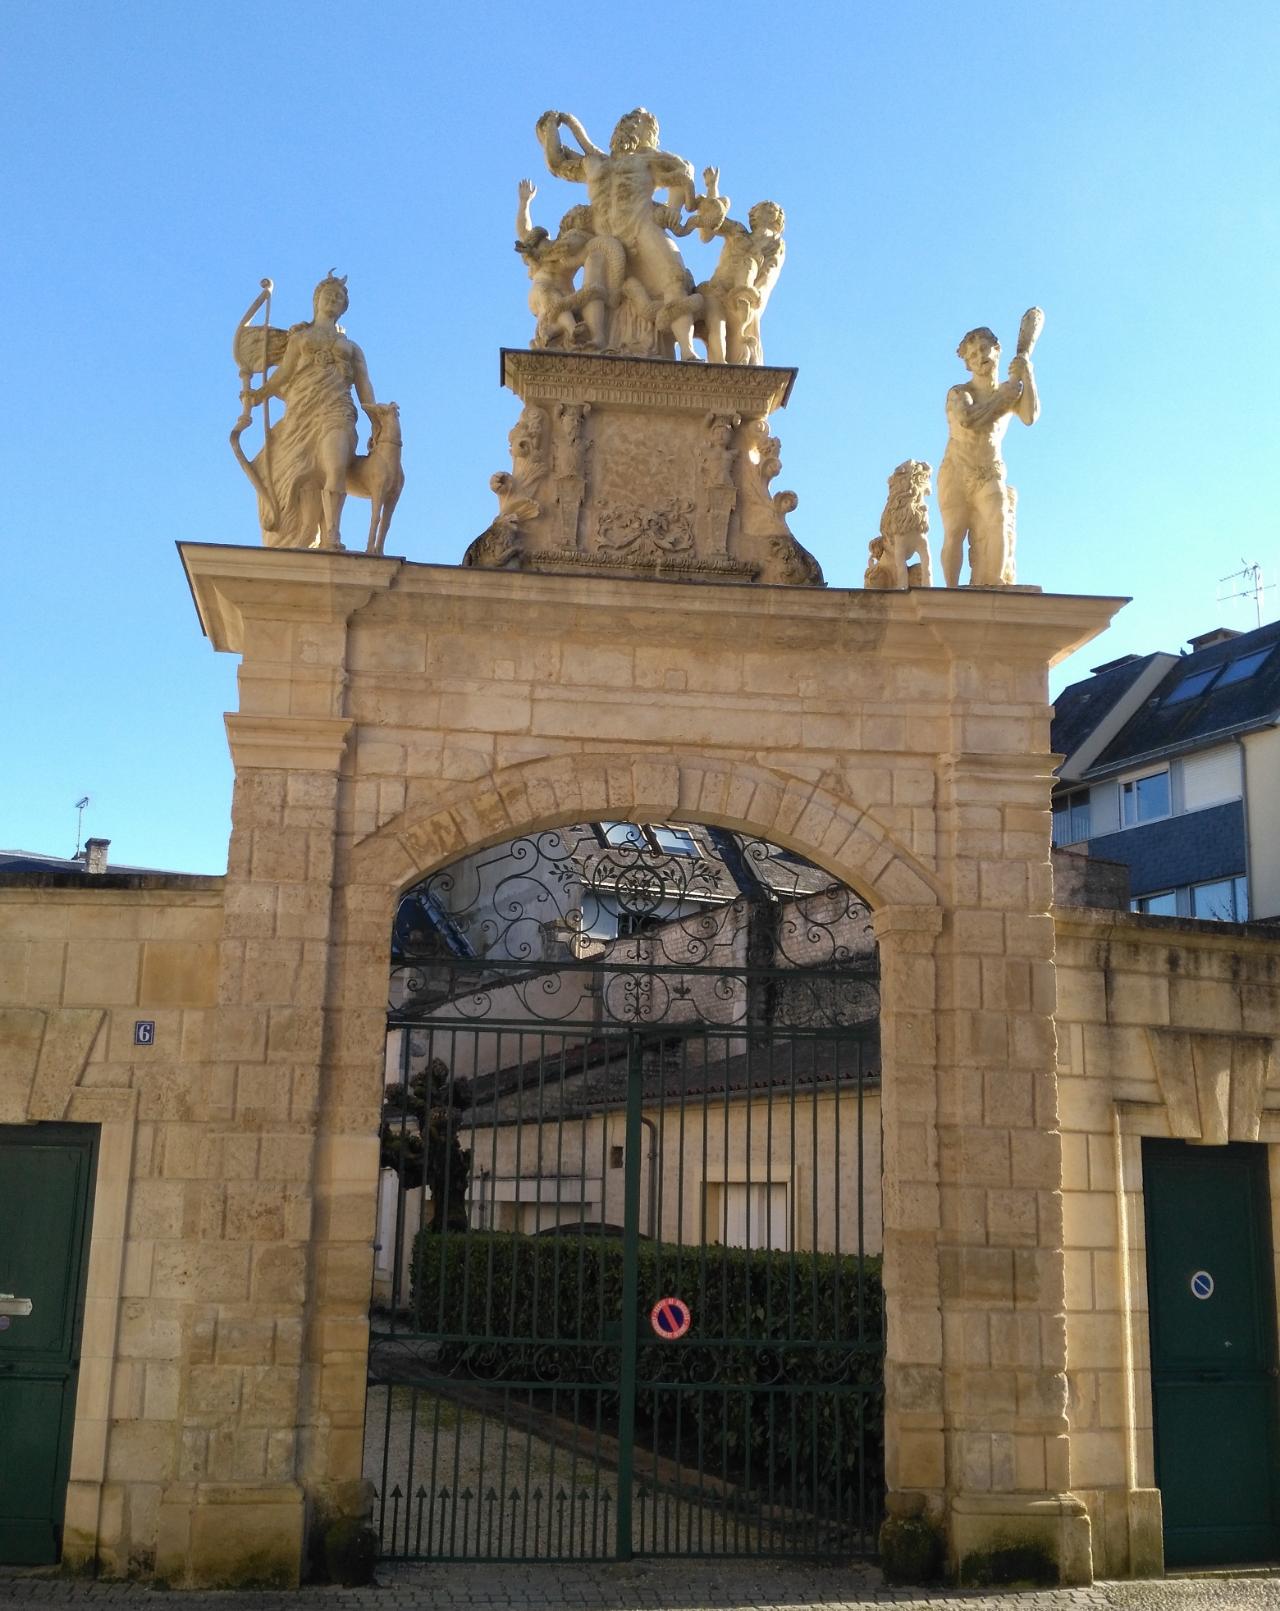 Photo 2: Jeu de piste familial à Fontenay-le-Comte avec Baludik